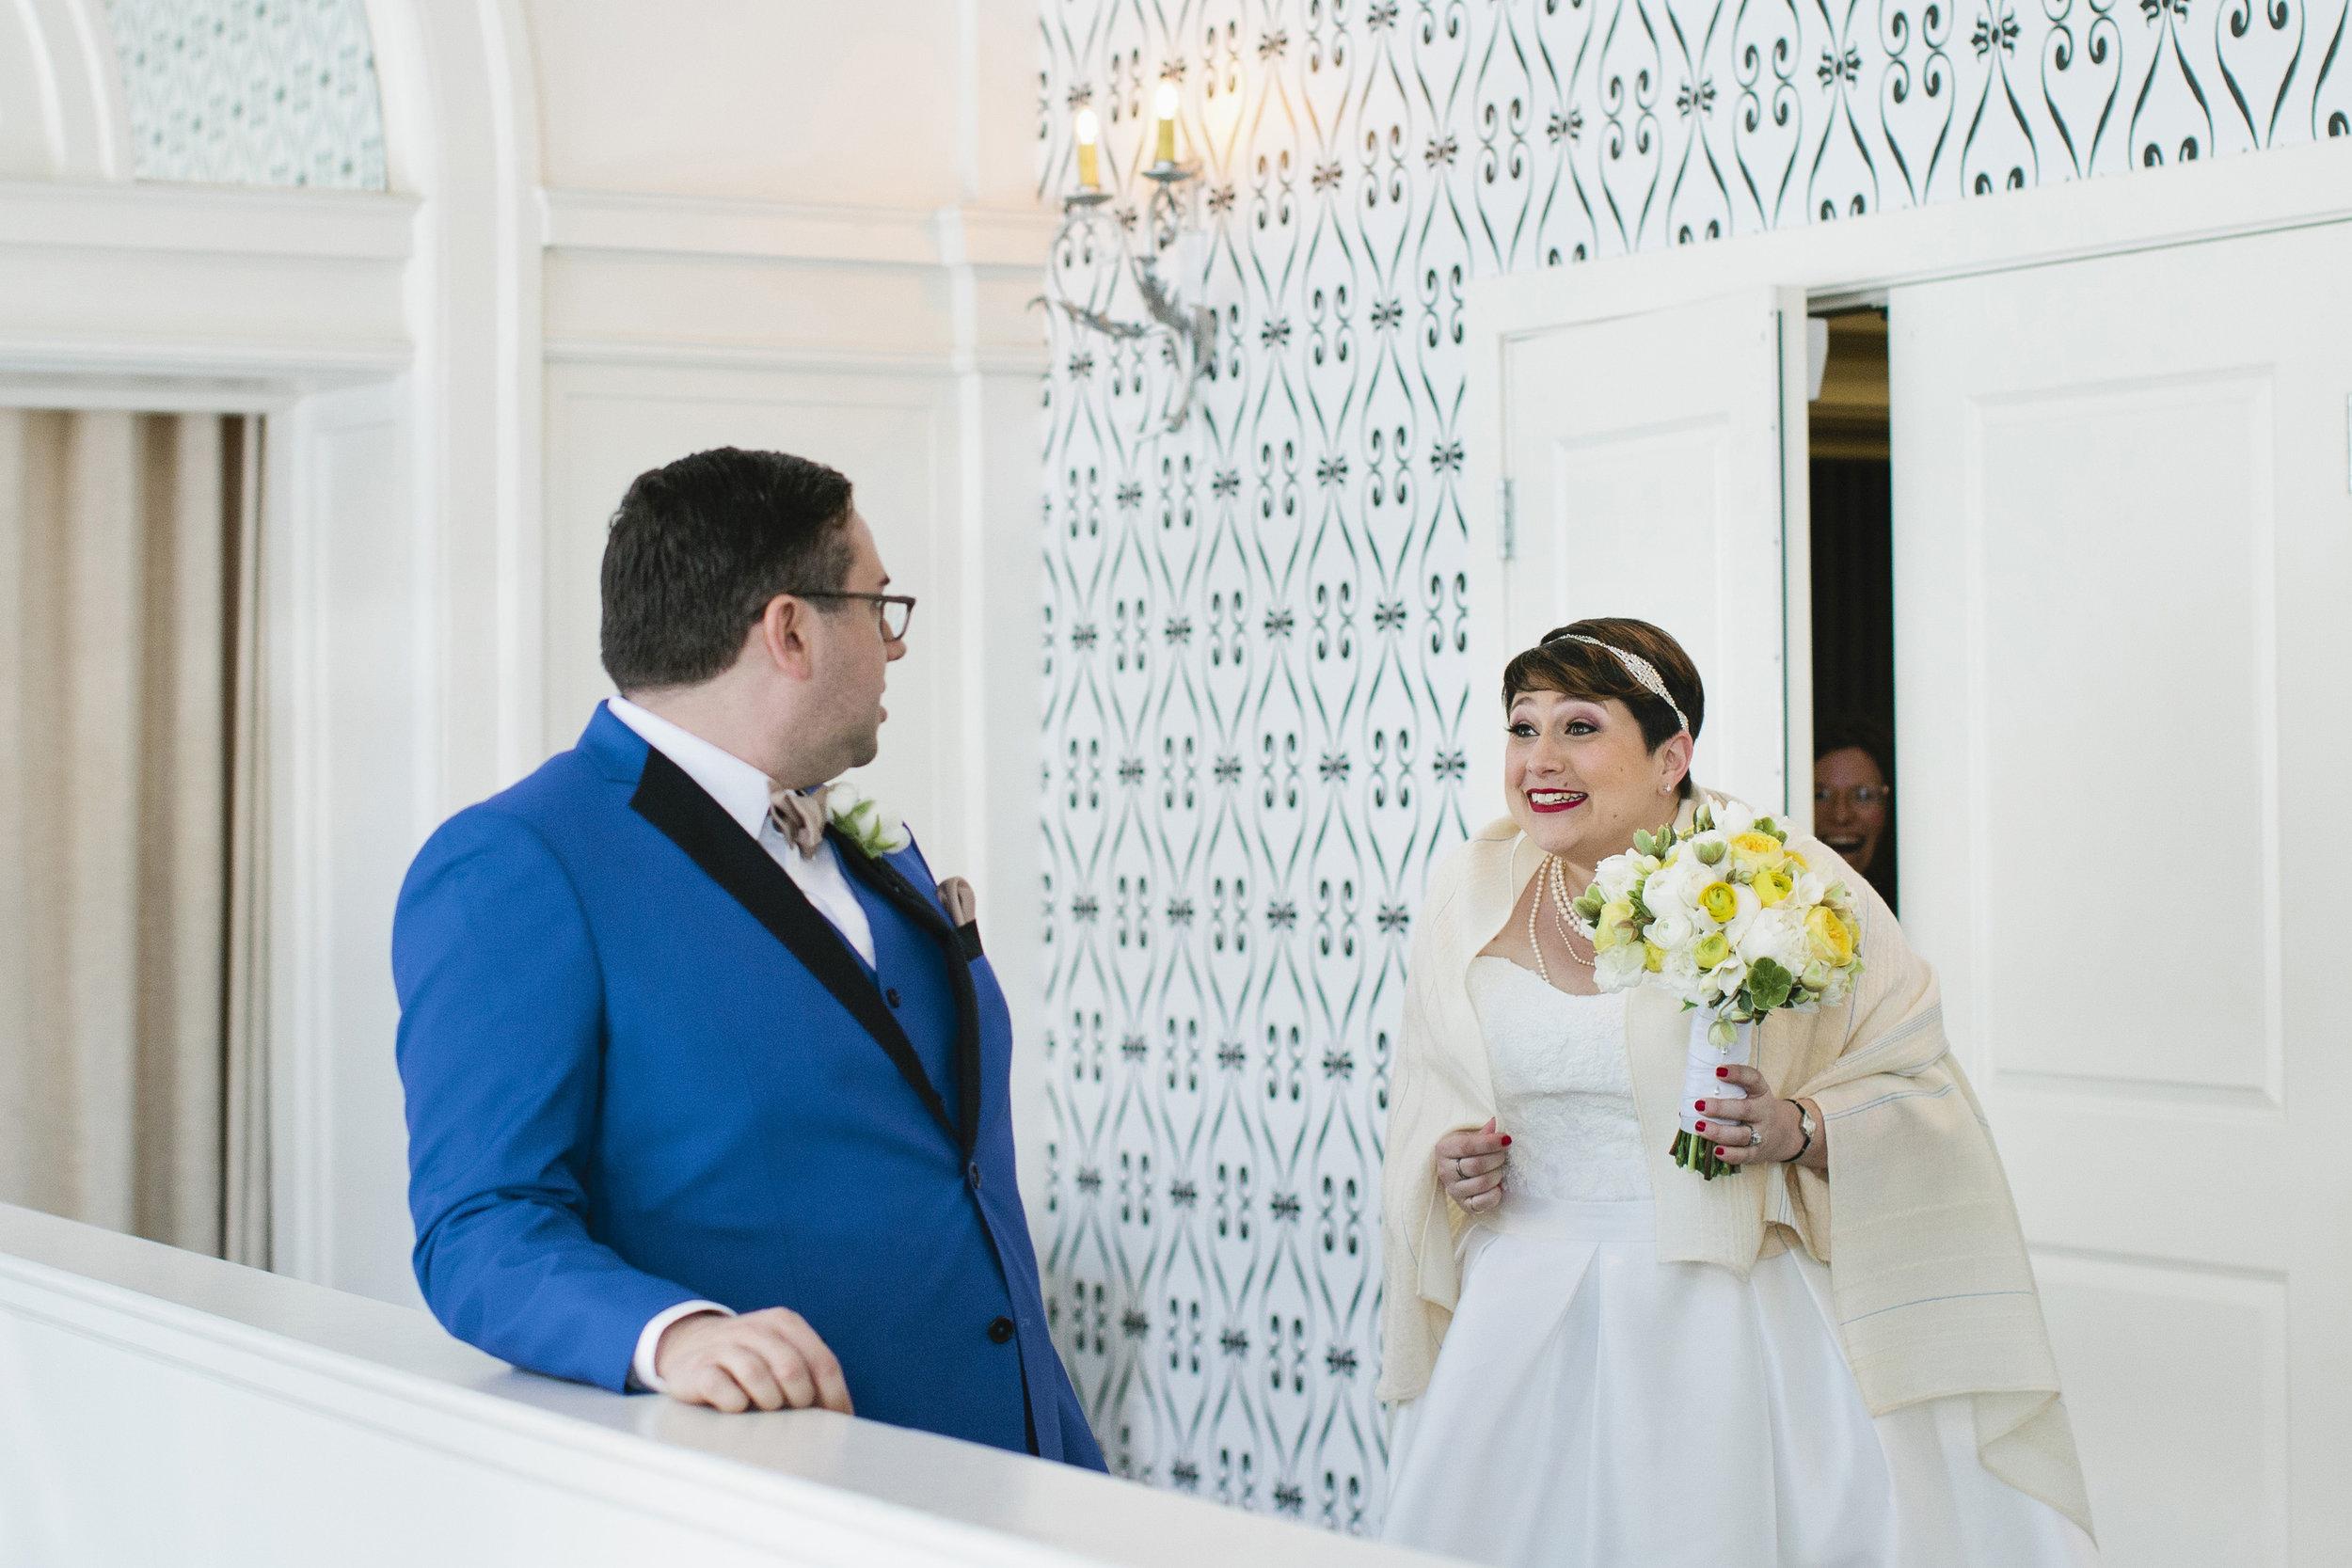 Best-BayArea-Wedding-Photo-19.JPG